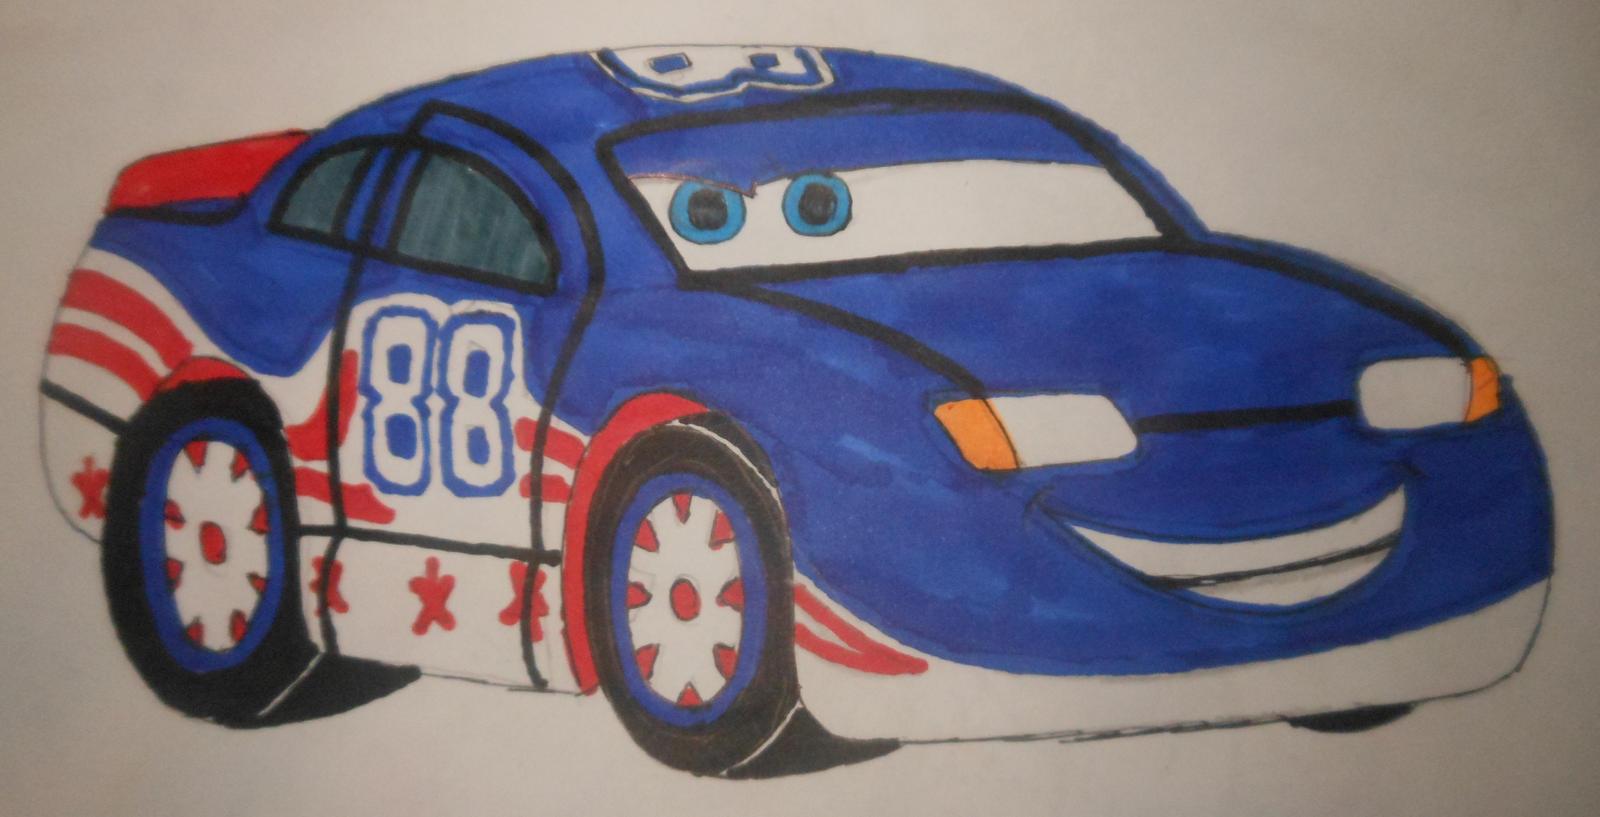 Tin Racing Car